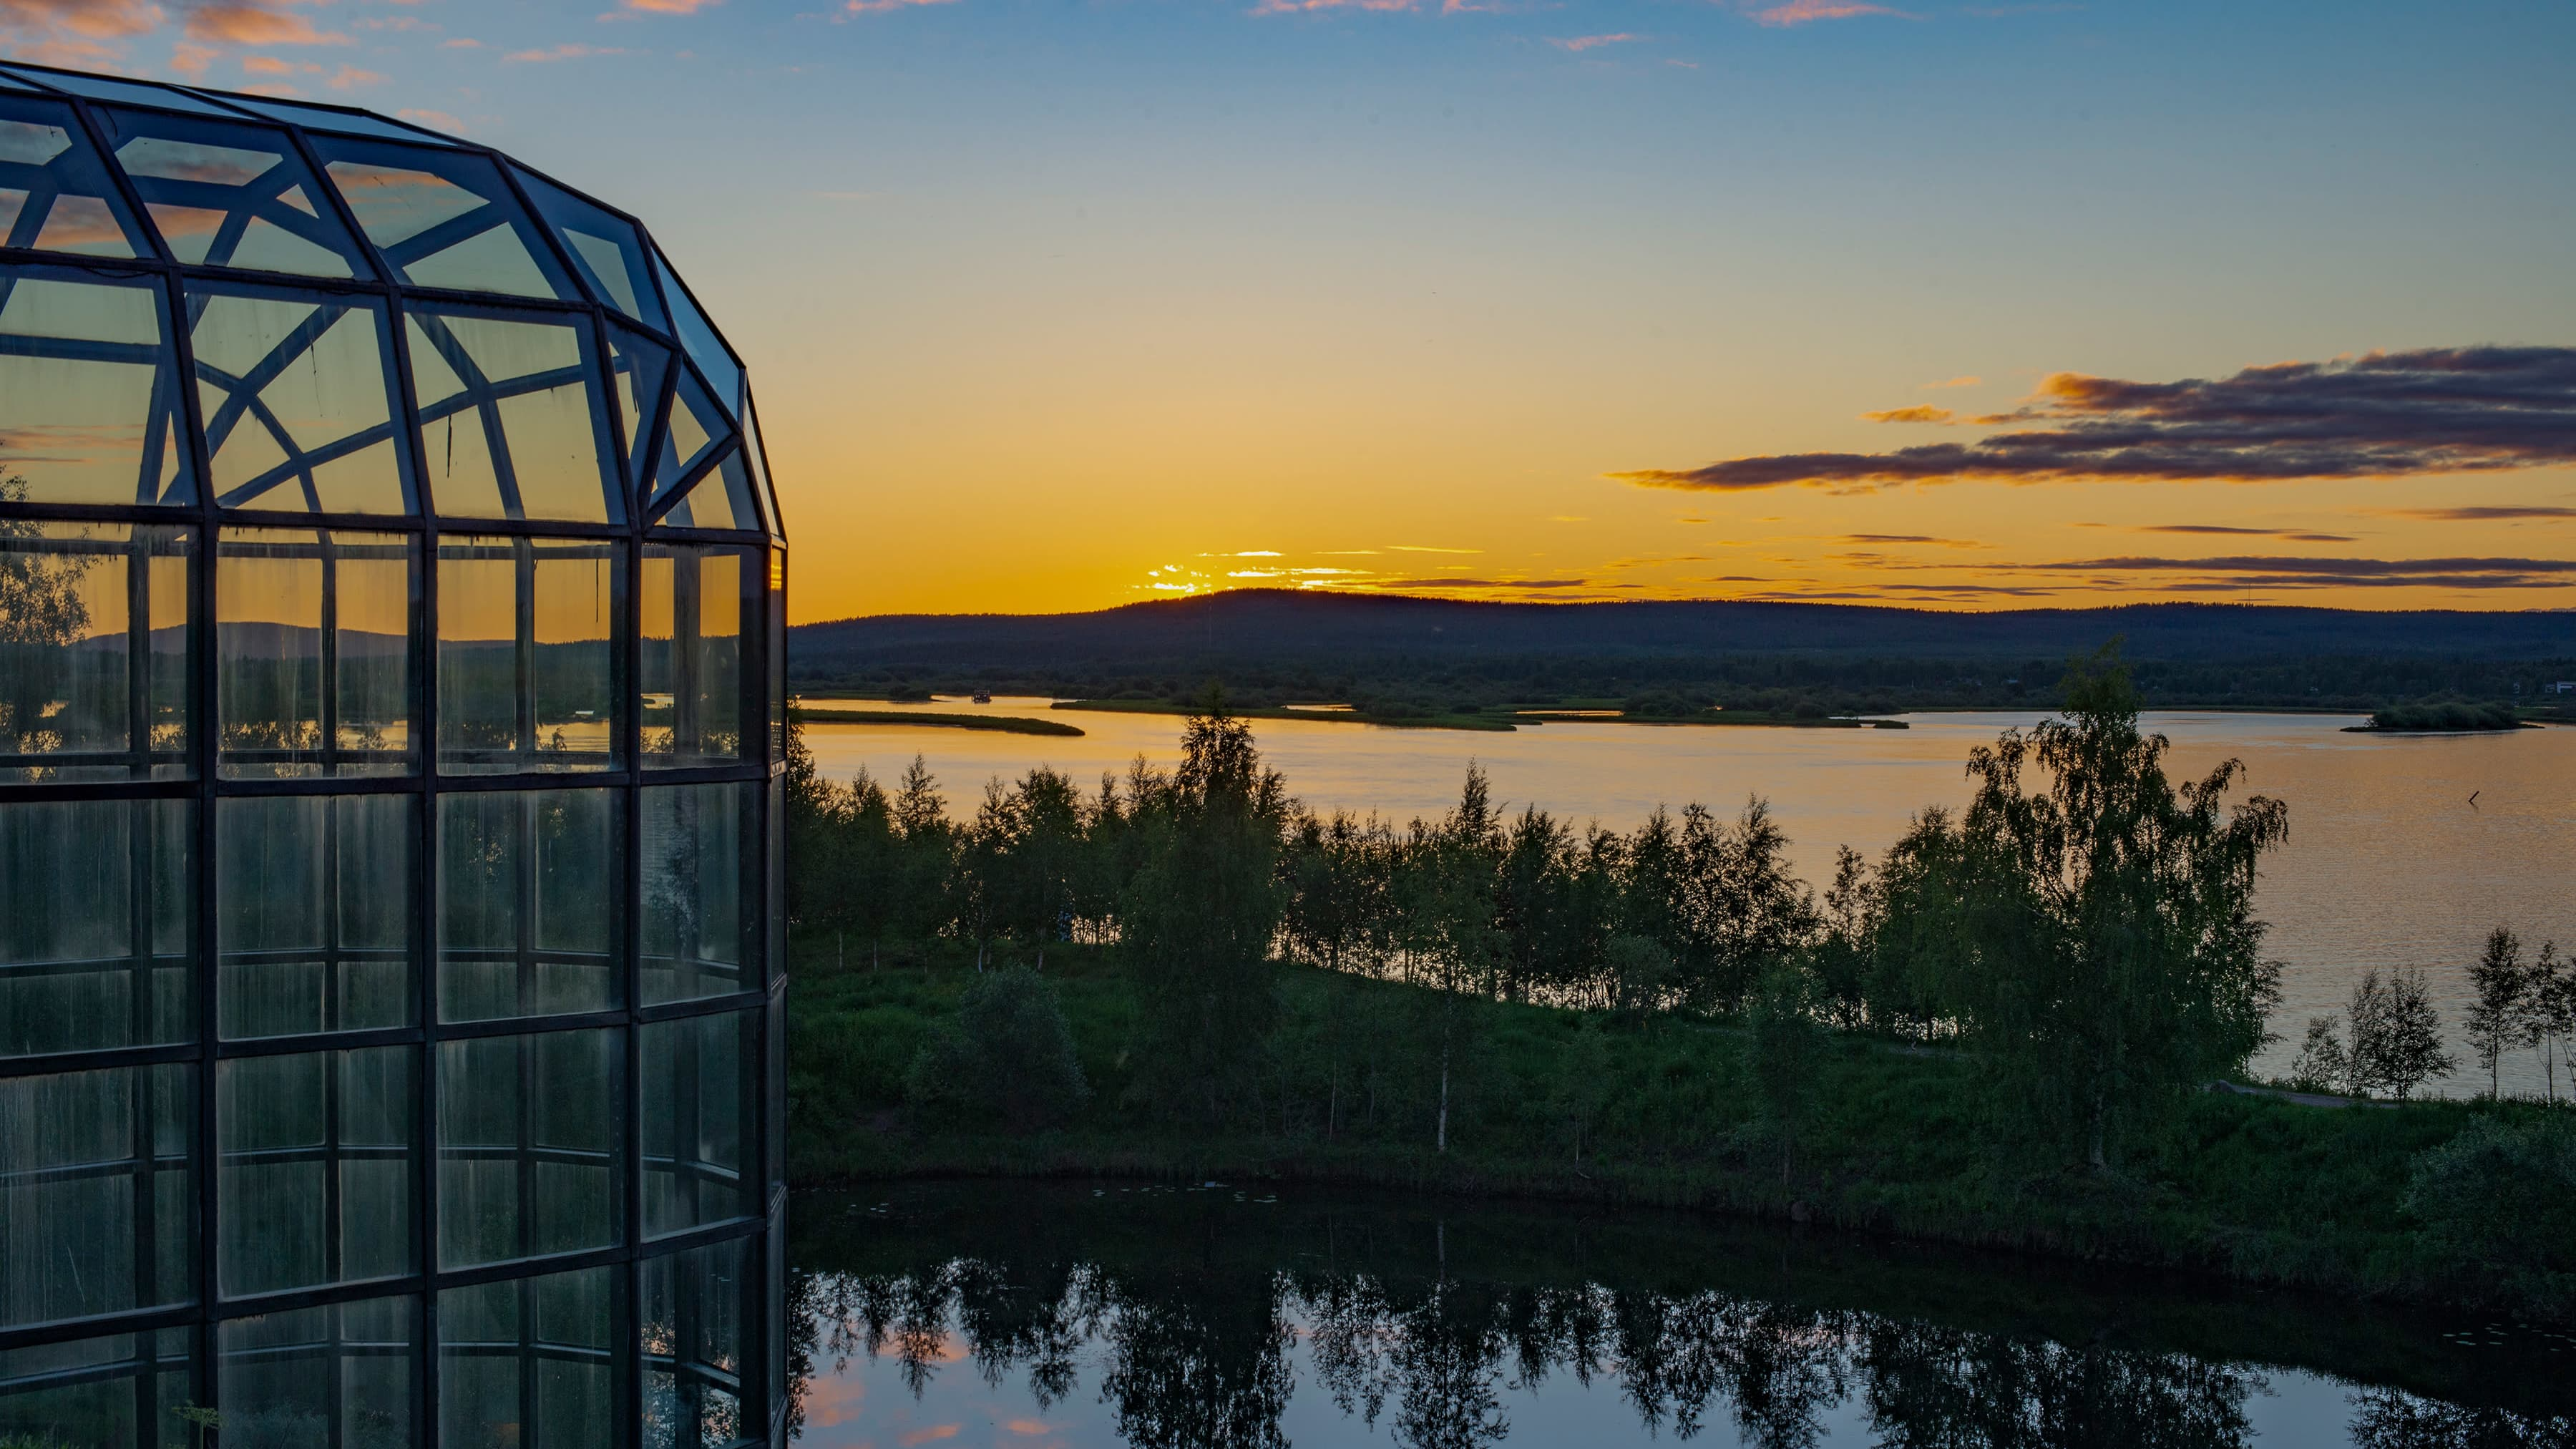 Keskiyön aurinko laskee Ounasjoen taakse, etualalla Arktikum-talon lasikattoa.